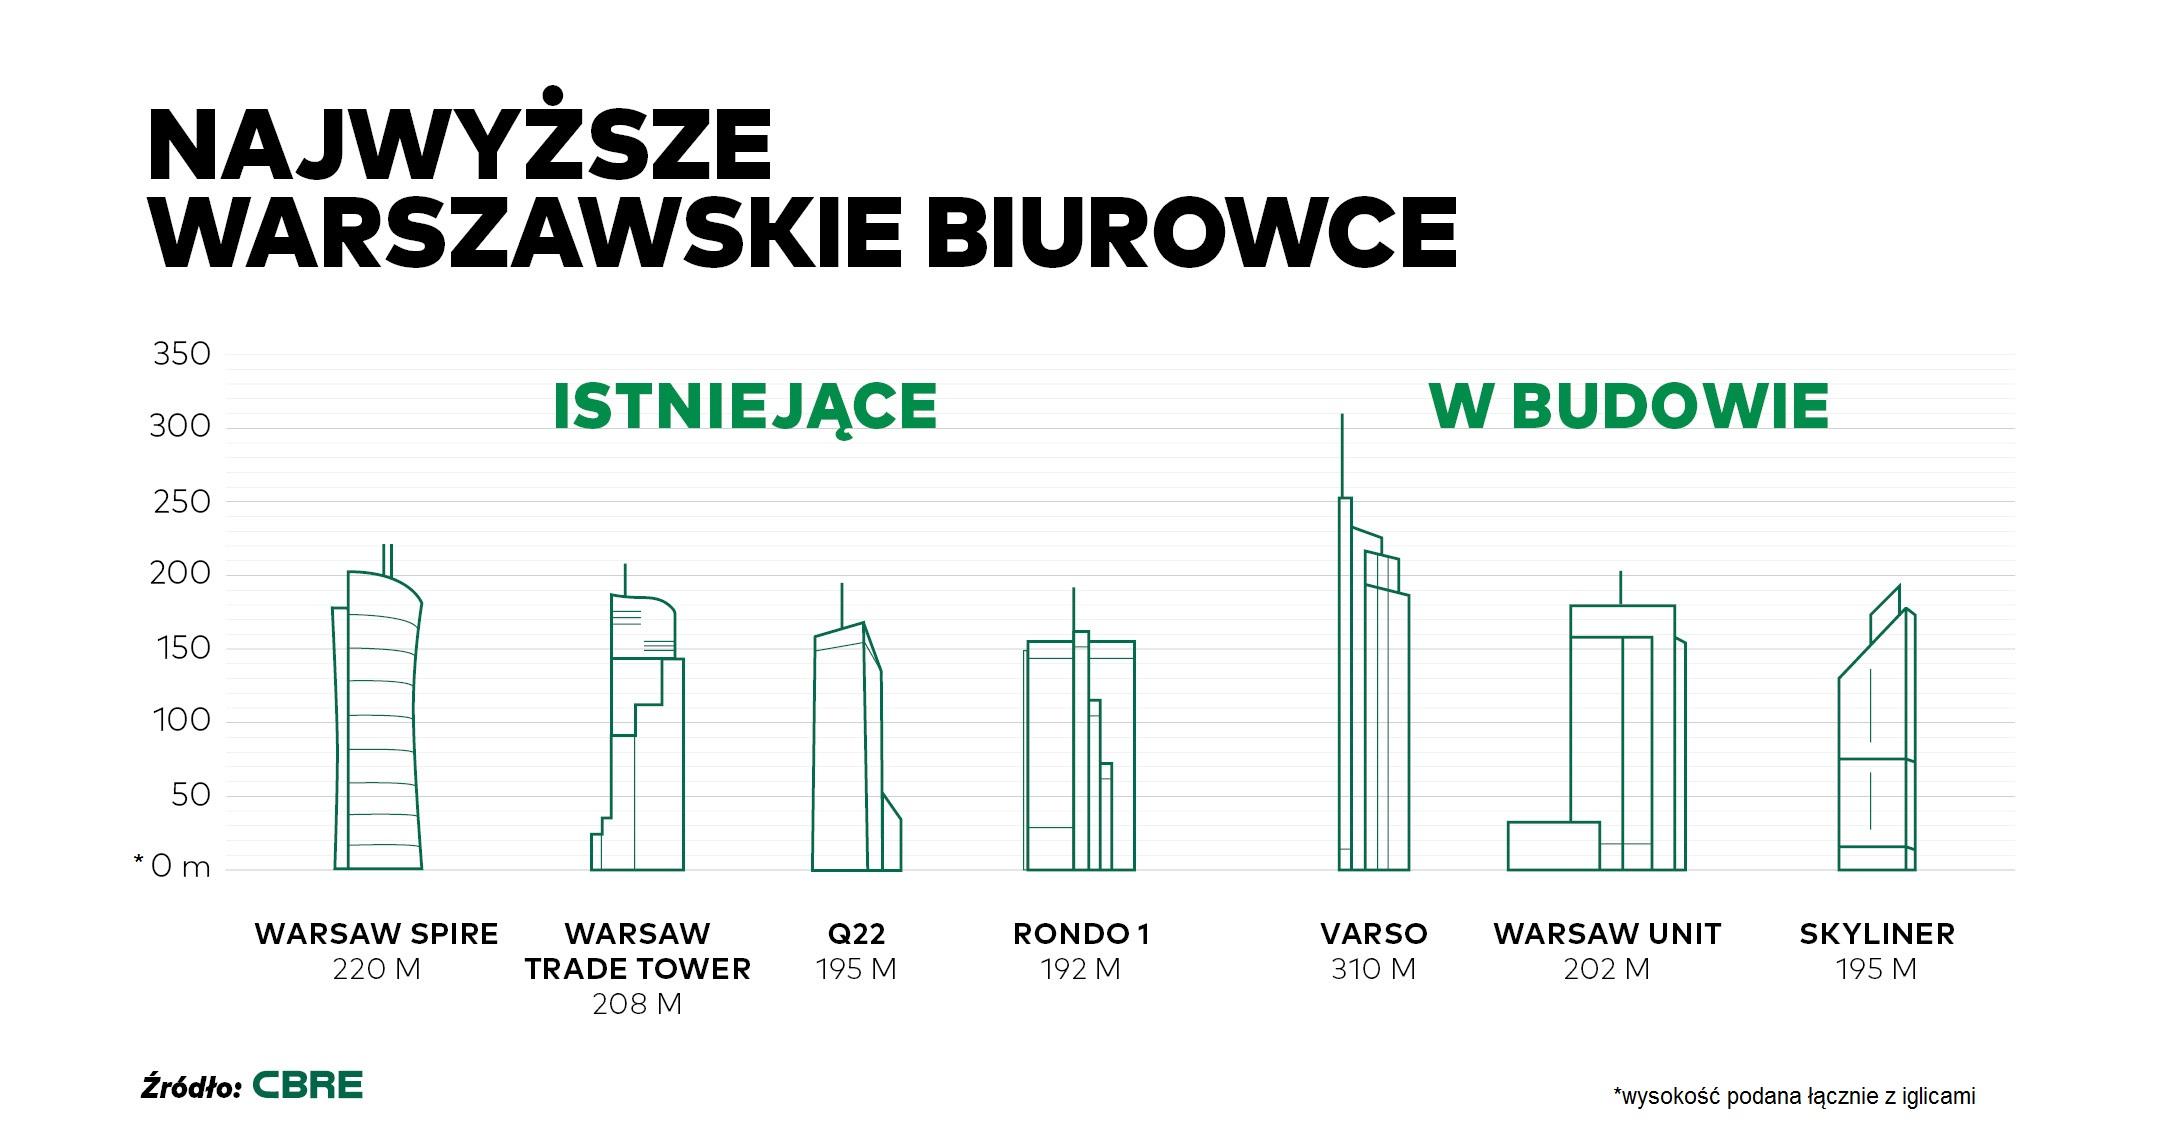 CBRE_Najwyższe budunki biurowe w Warszawie